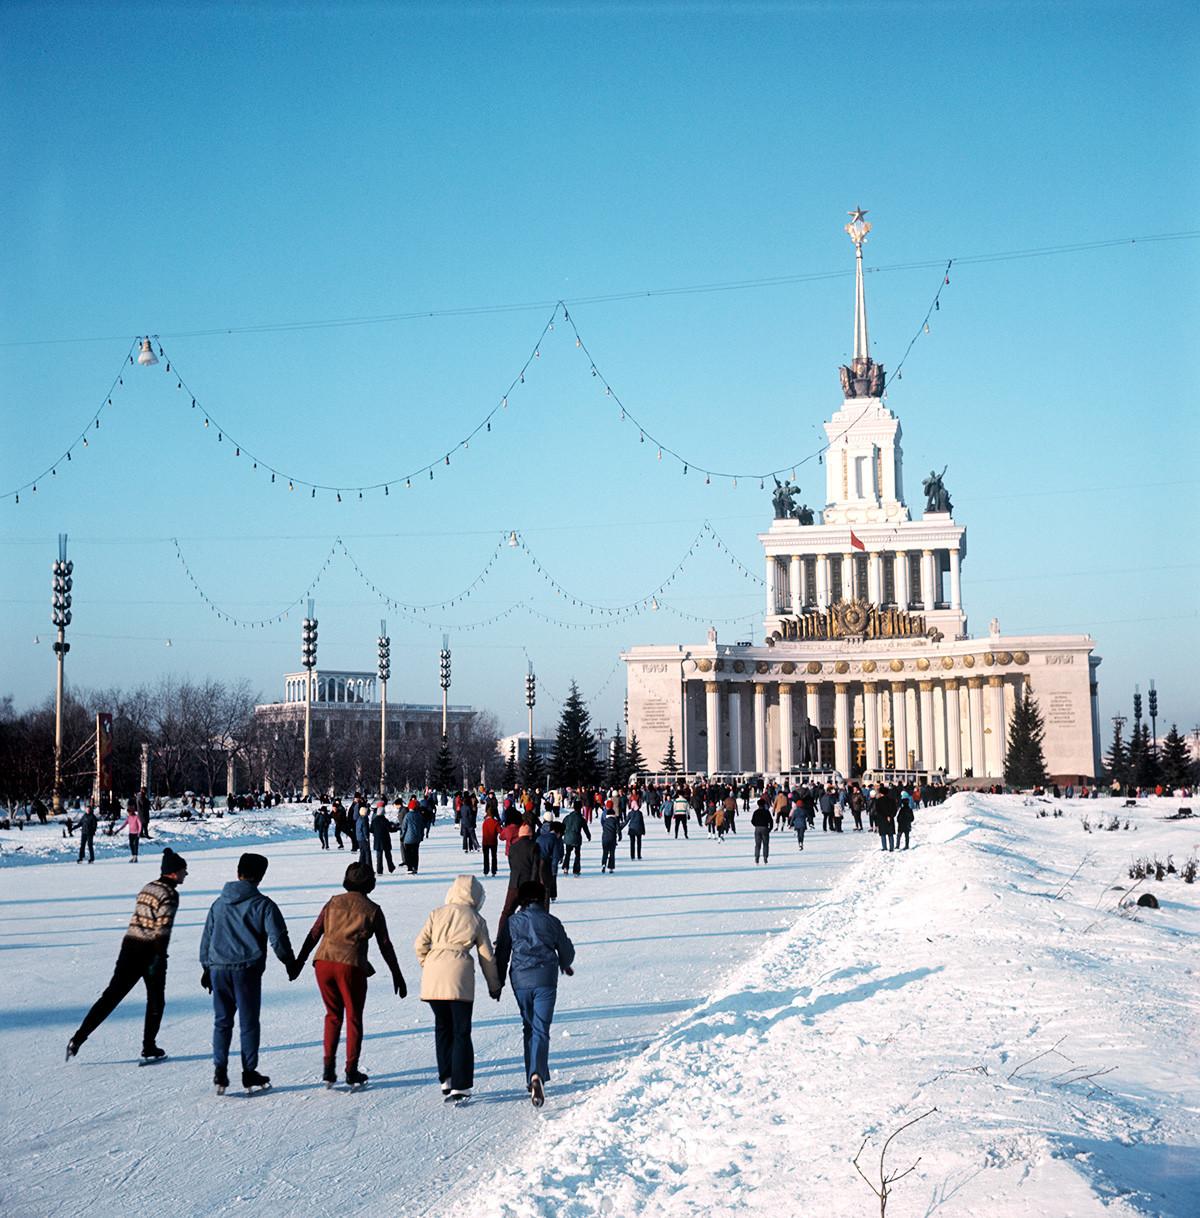 Eislaufen auf dem Territorium des WDNCh-Ausstellungszentrums, 1974